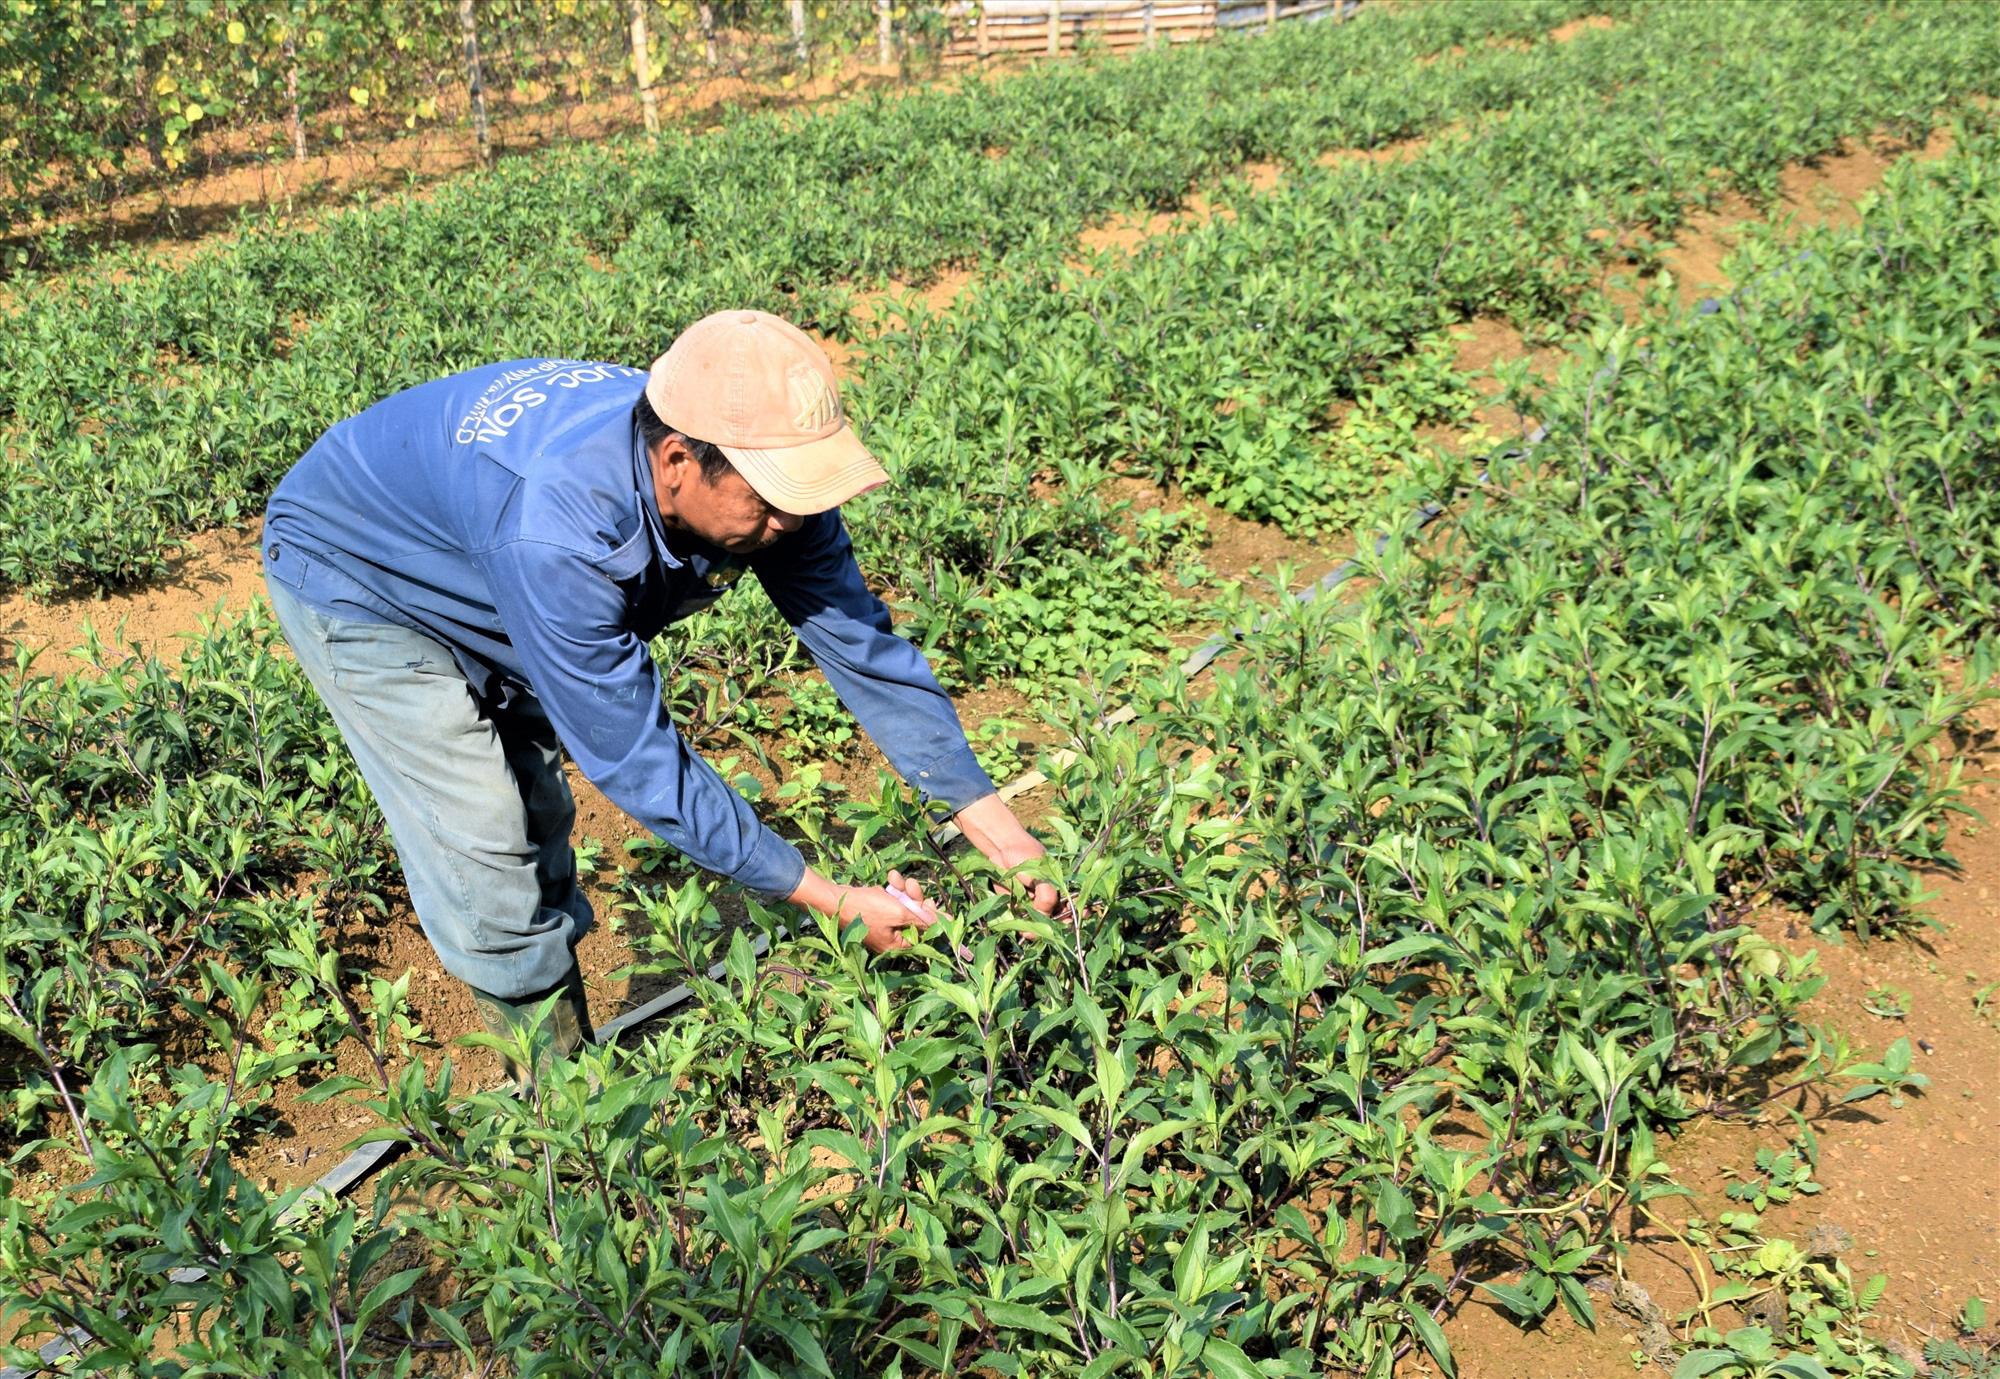 Quảng Nam: Thứ rau rừng thơm mùi thuốc Bắc, trồng trên rẫy, ai cũng muốn mua - Ảnh 1.